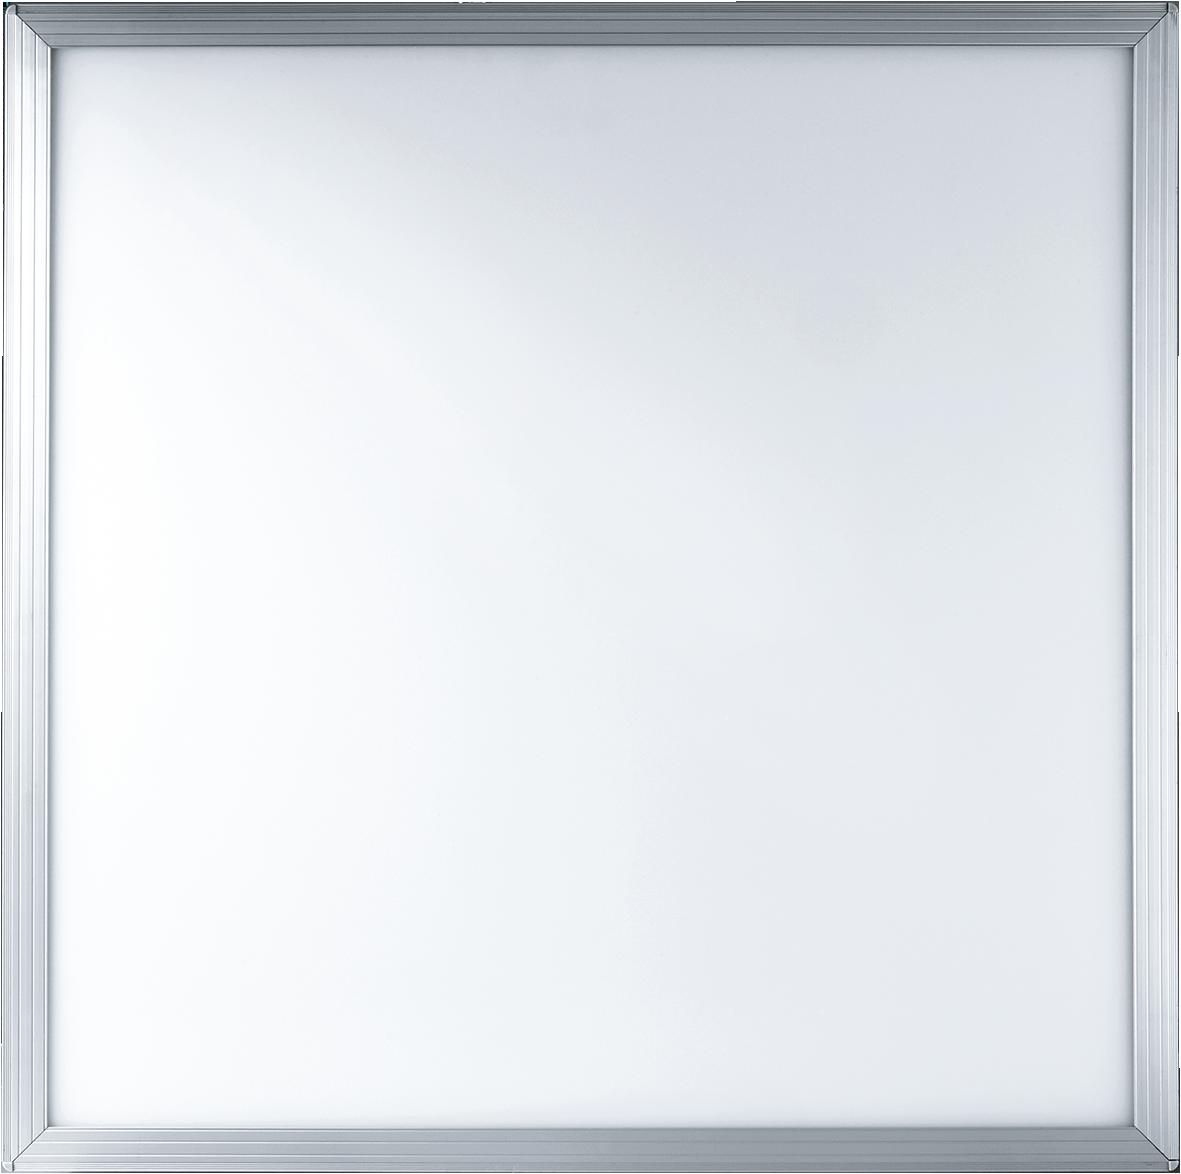 Светильник NLP-S1-38-6.5K 94 341 (без драйвера) Navigator